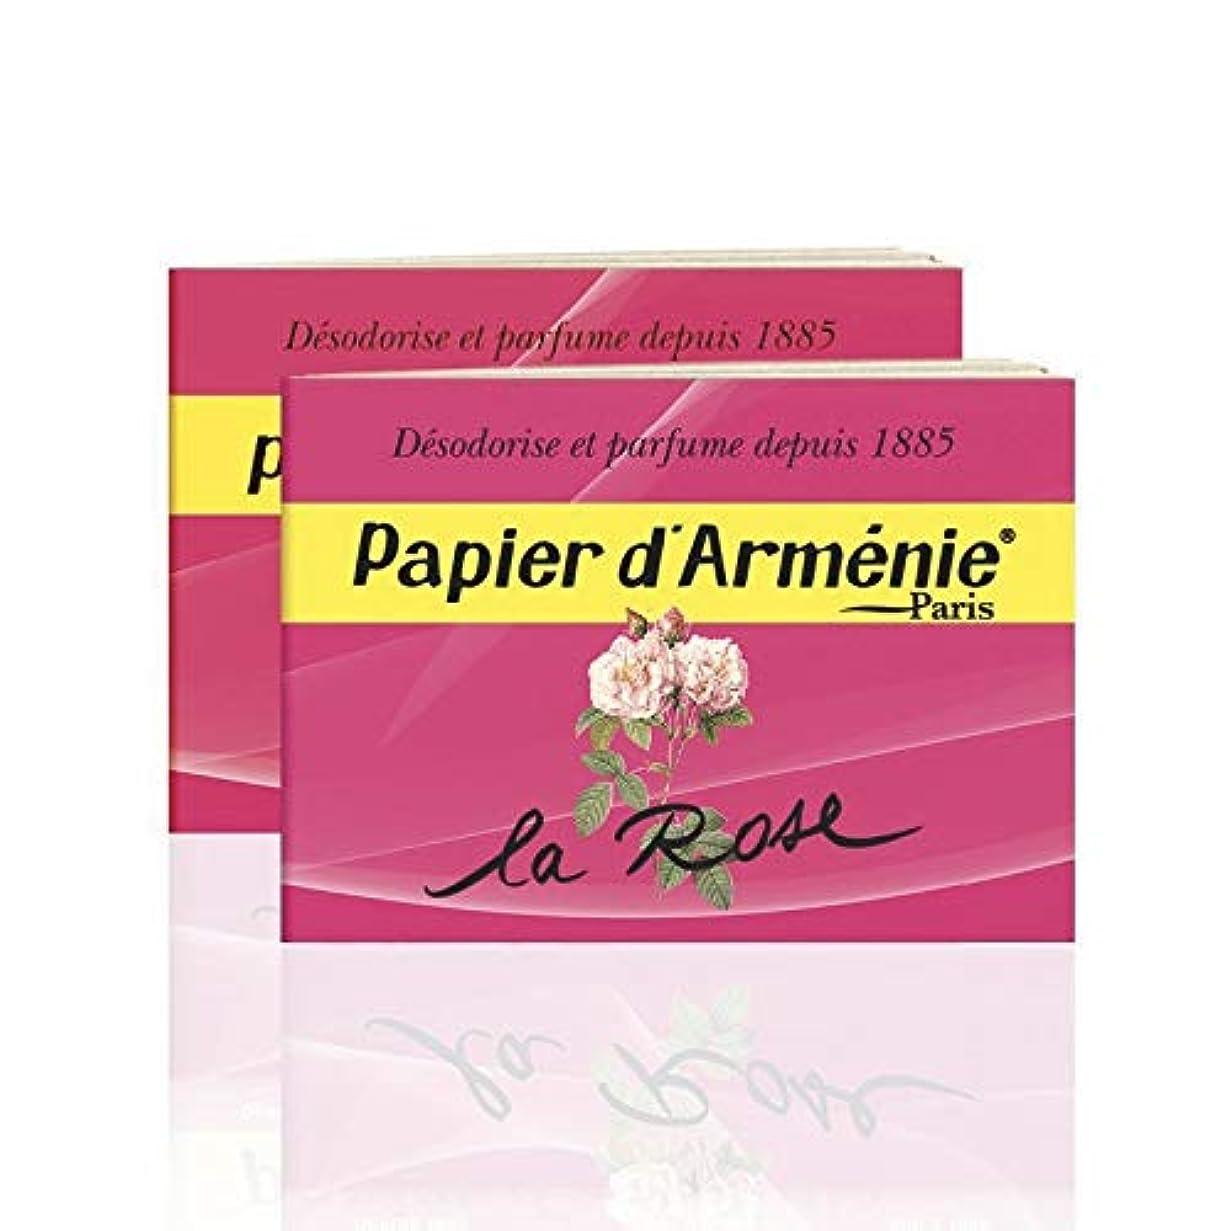 より多い反映するバイオリンパピエダルメニィ ローズ Papier d'Armenie La Rose (3)